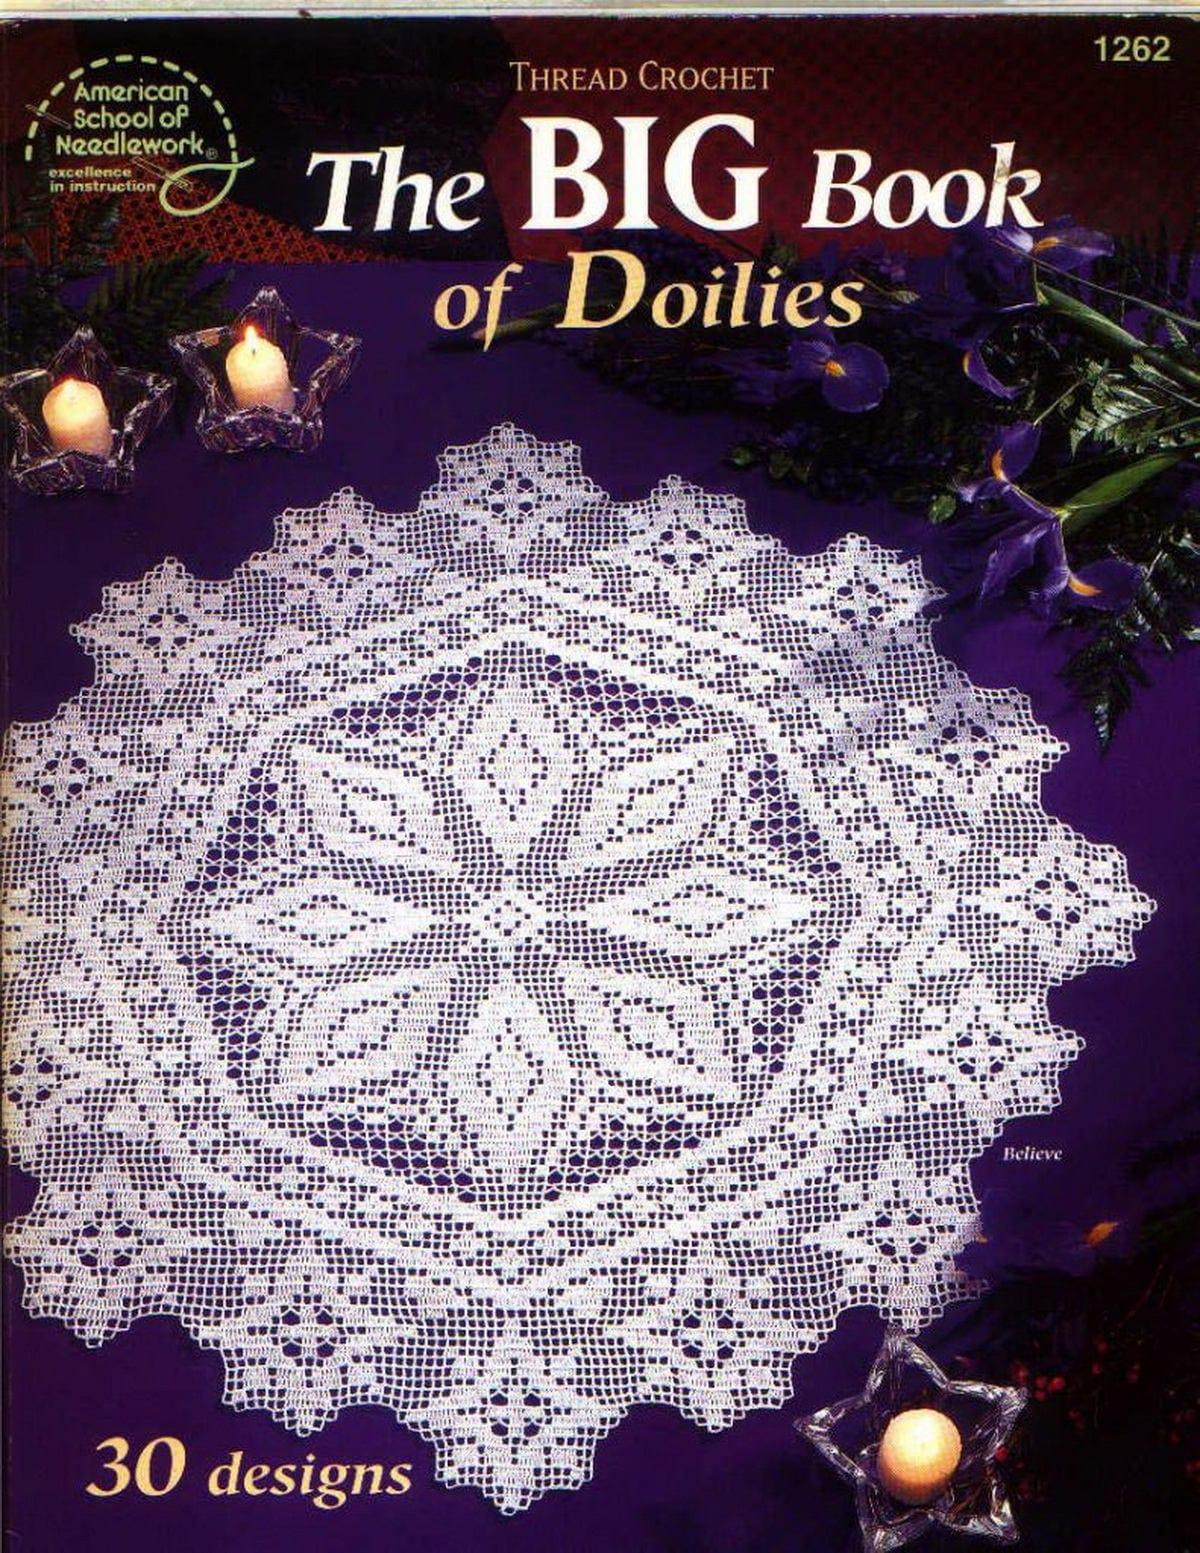 Crochet Lace Pattern Crochet Tablecloth Crochet Doily Patterns Etsy